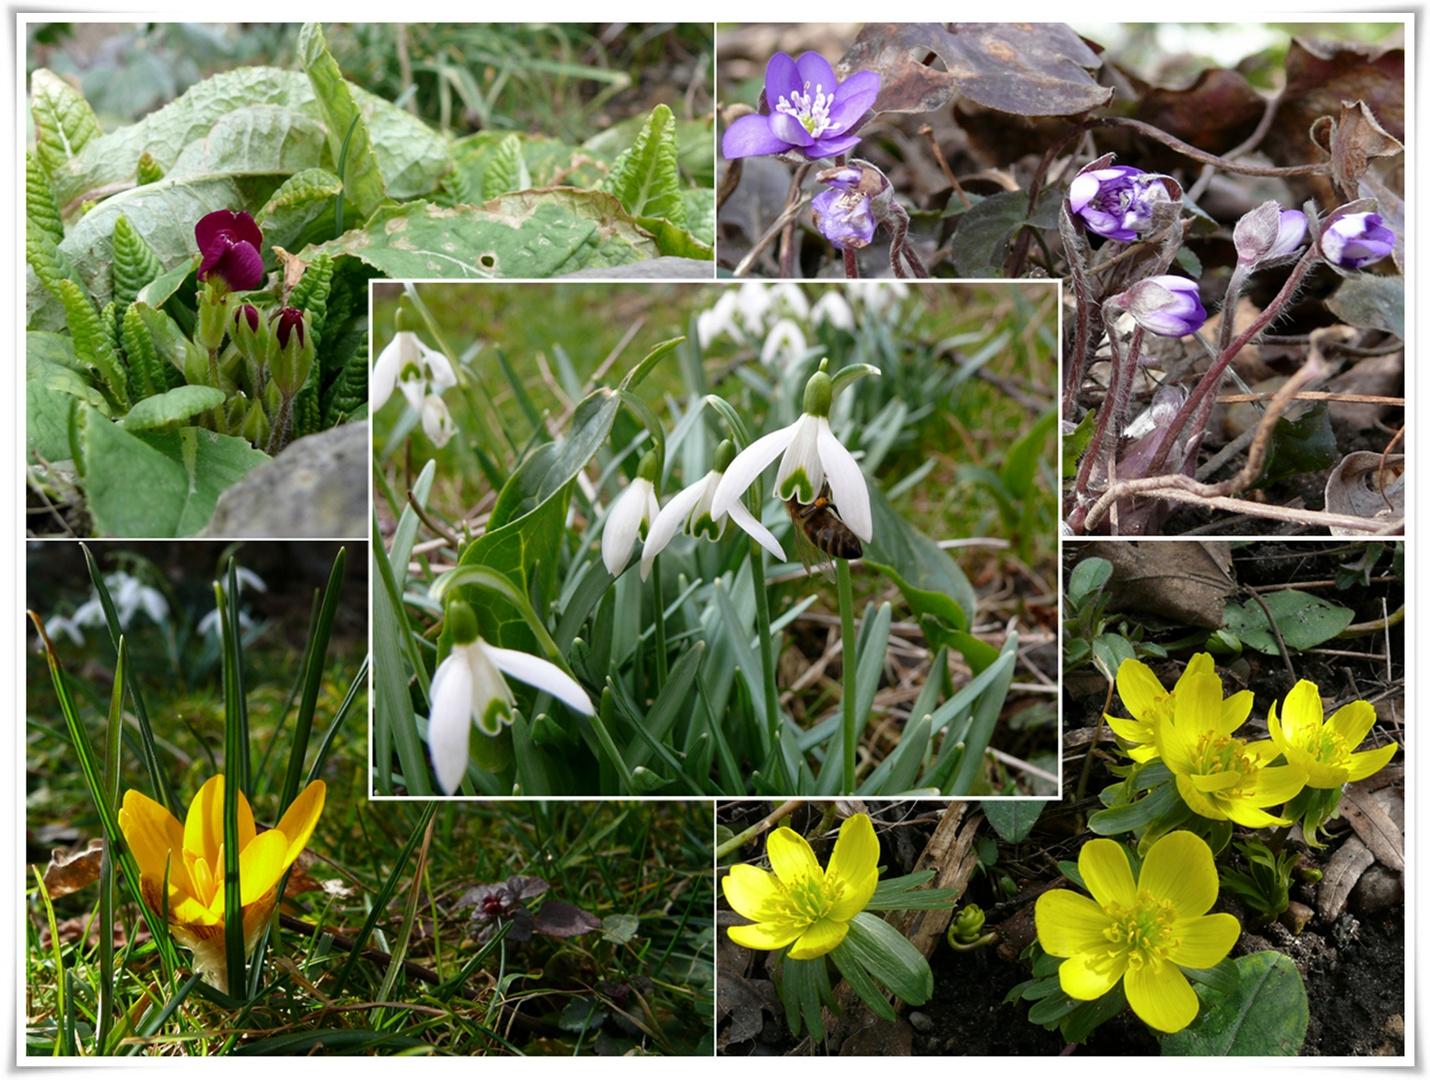 Der Frühling macht Fortschritte...